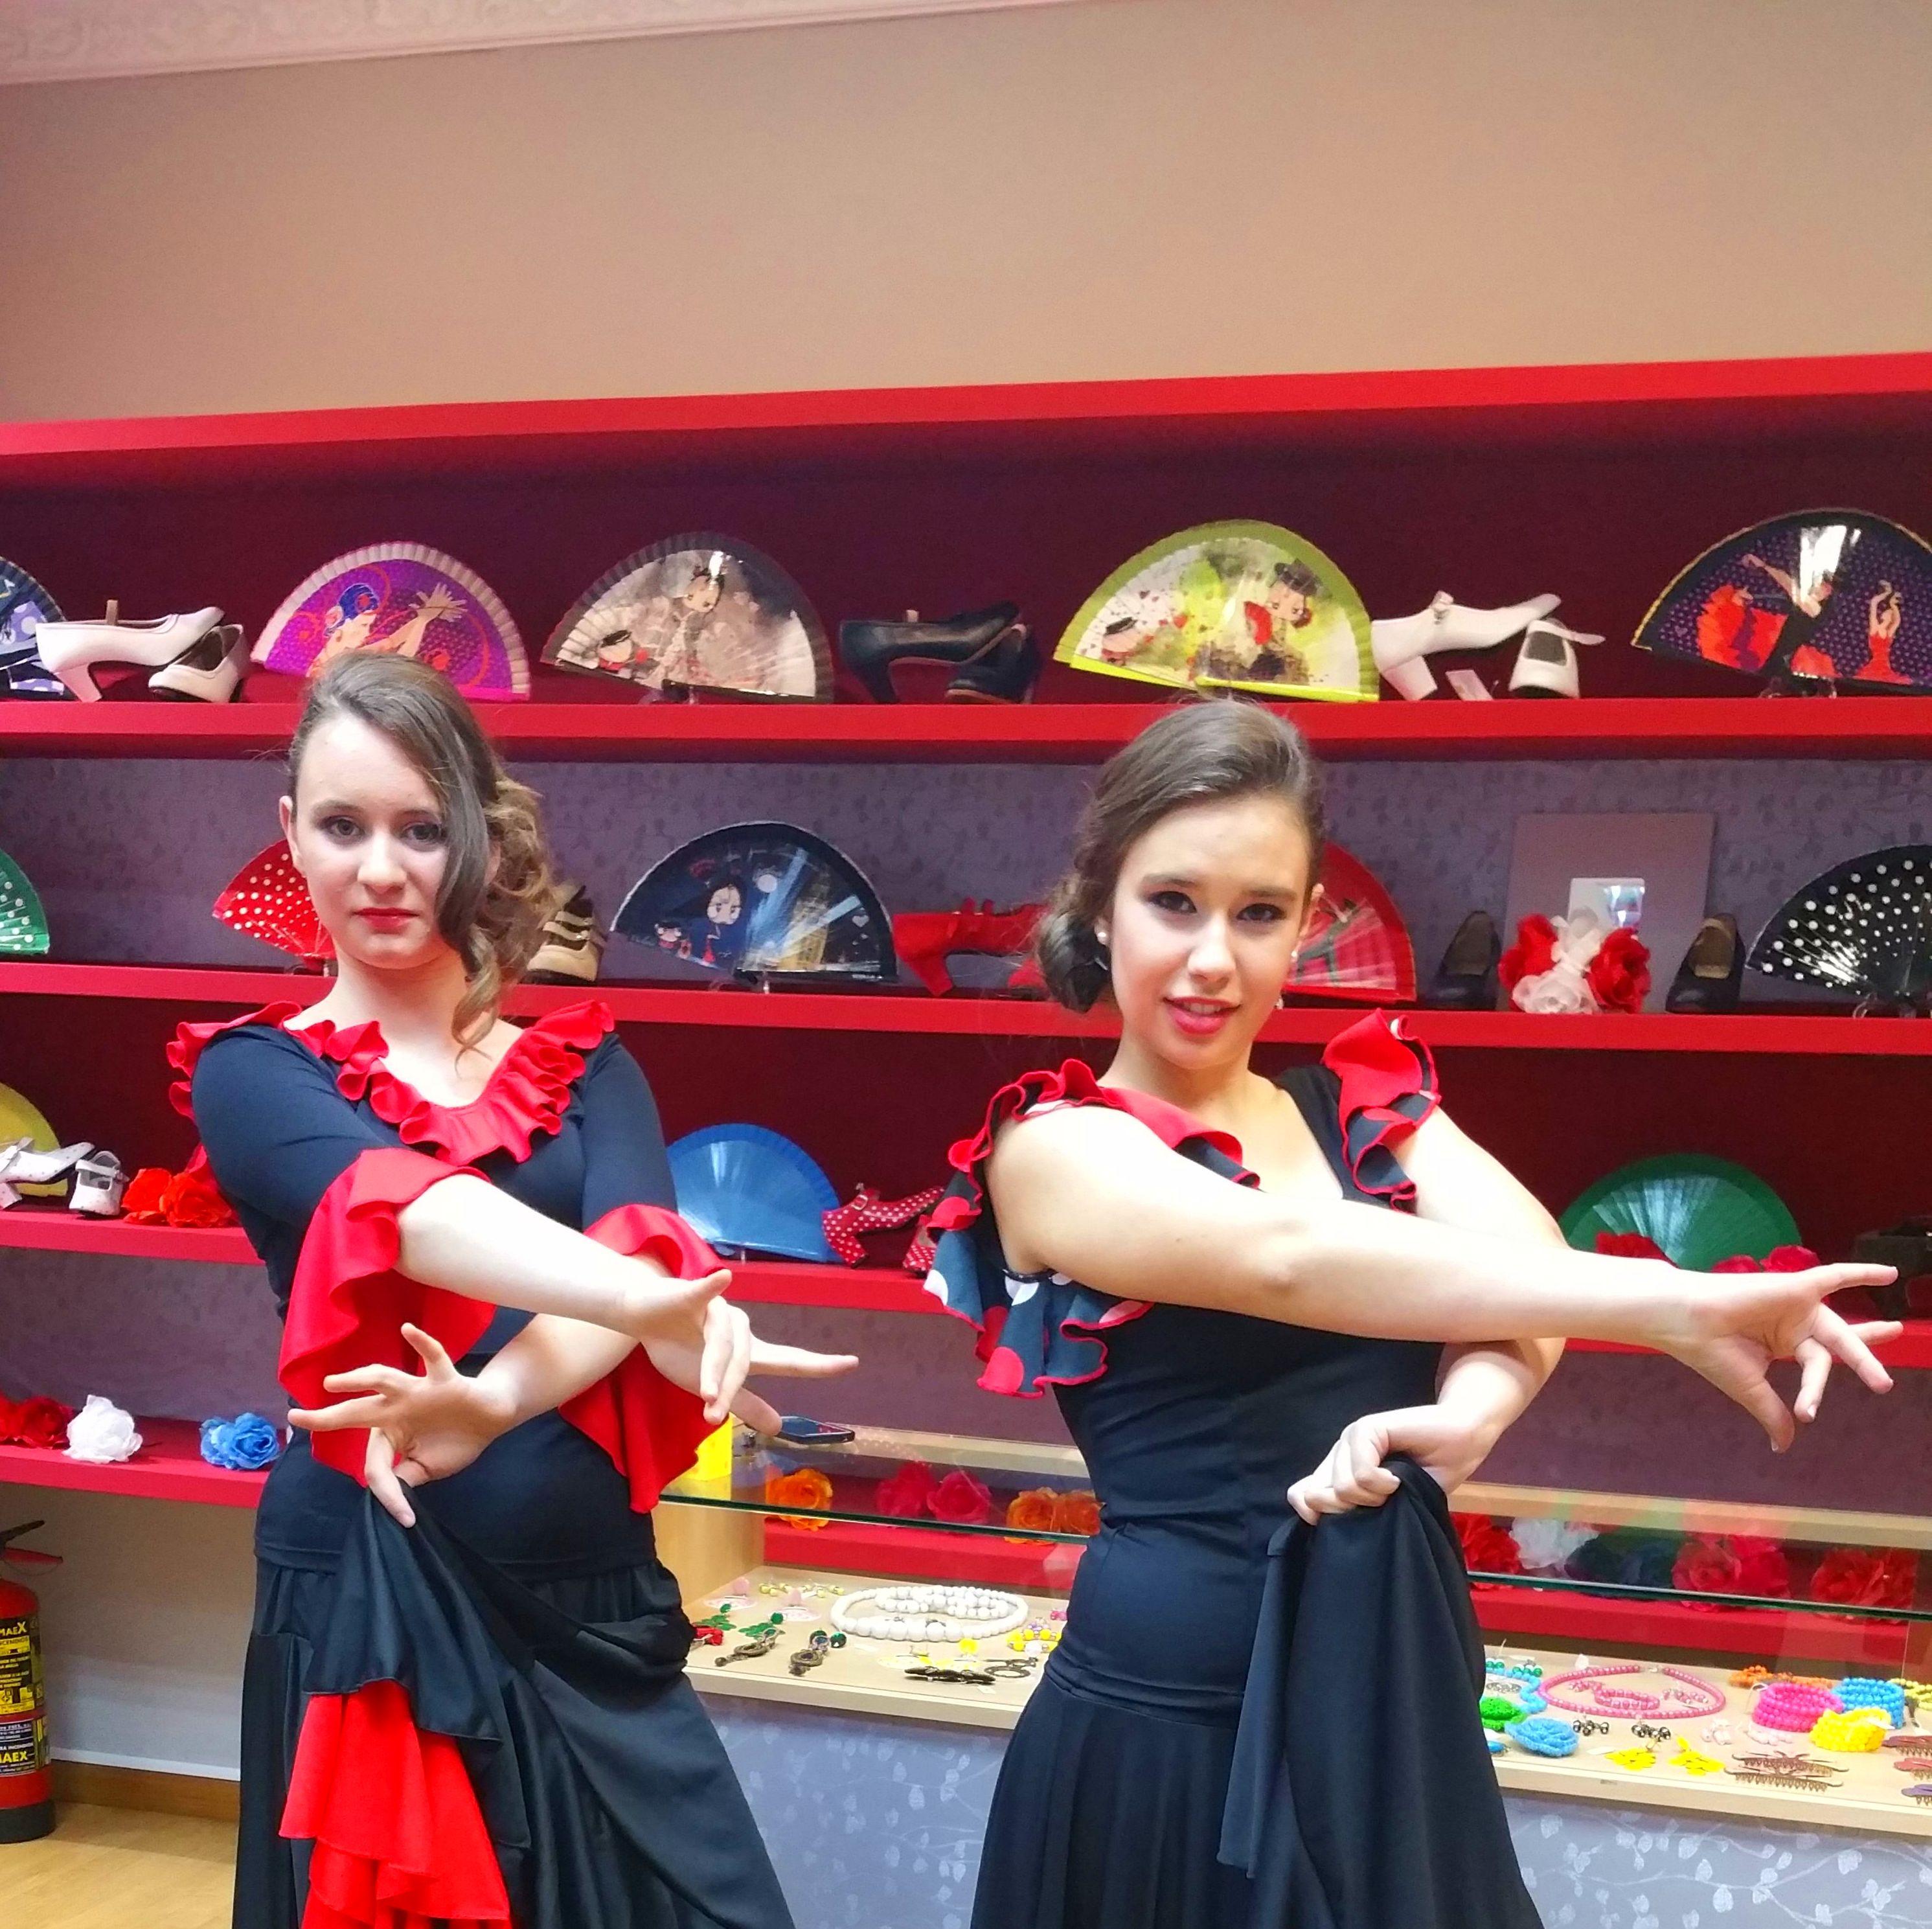 La flamenquilla, faldas, cuerpos y vestidos de ensayo. Moda flamenca